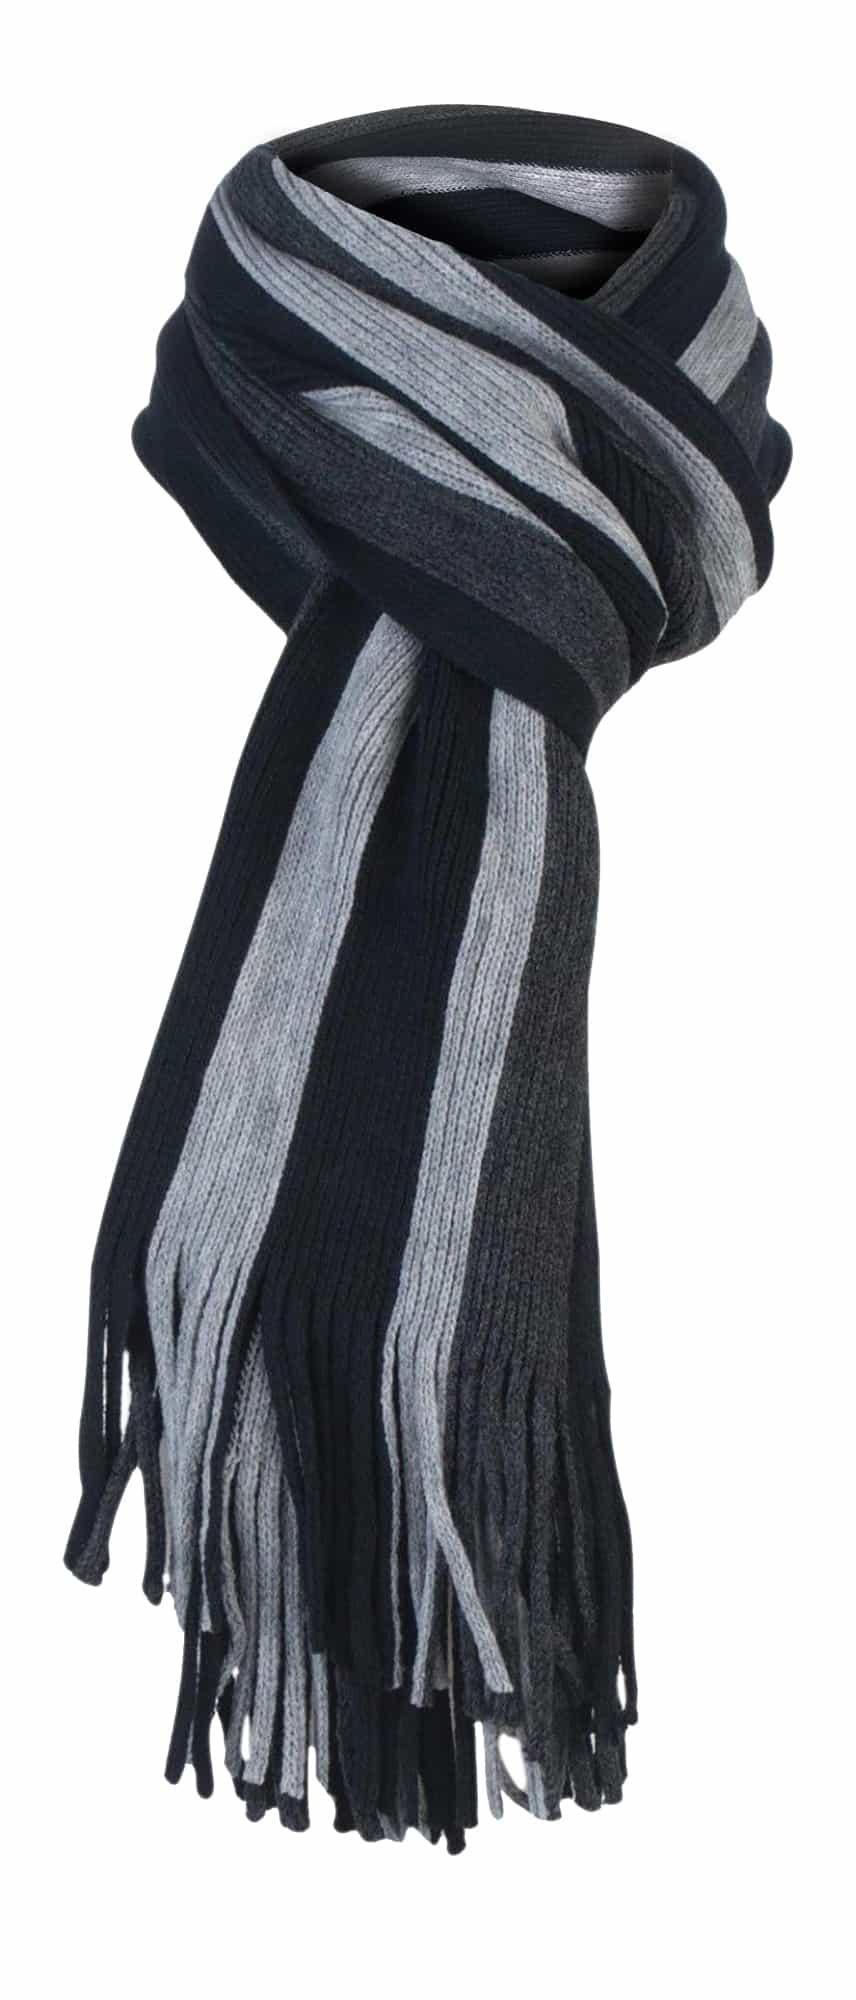 mens scarf - GIOVANNI CASSINI